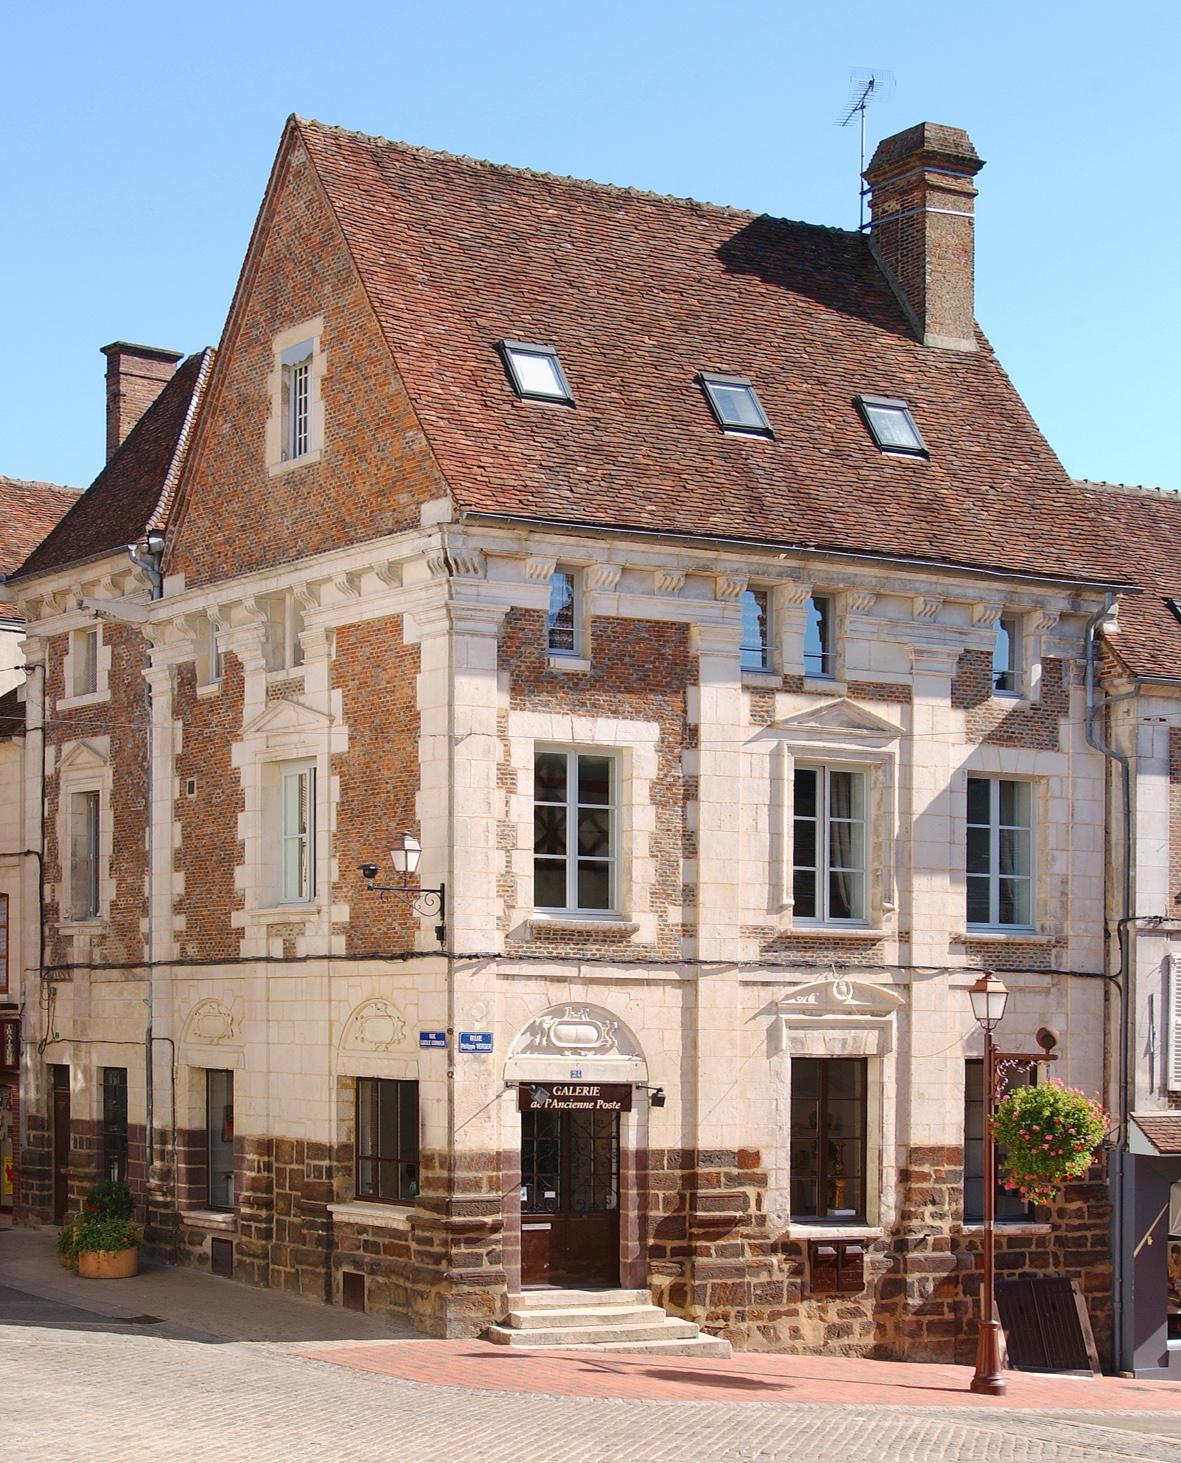 Photo De Galerie Exterieur galerie de l'ancienne poste- extérieur-photo gilles puech